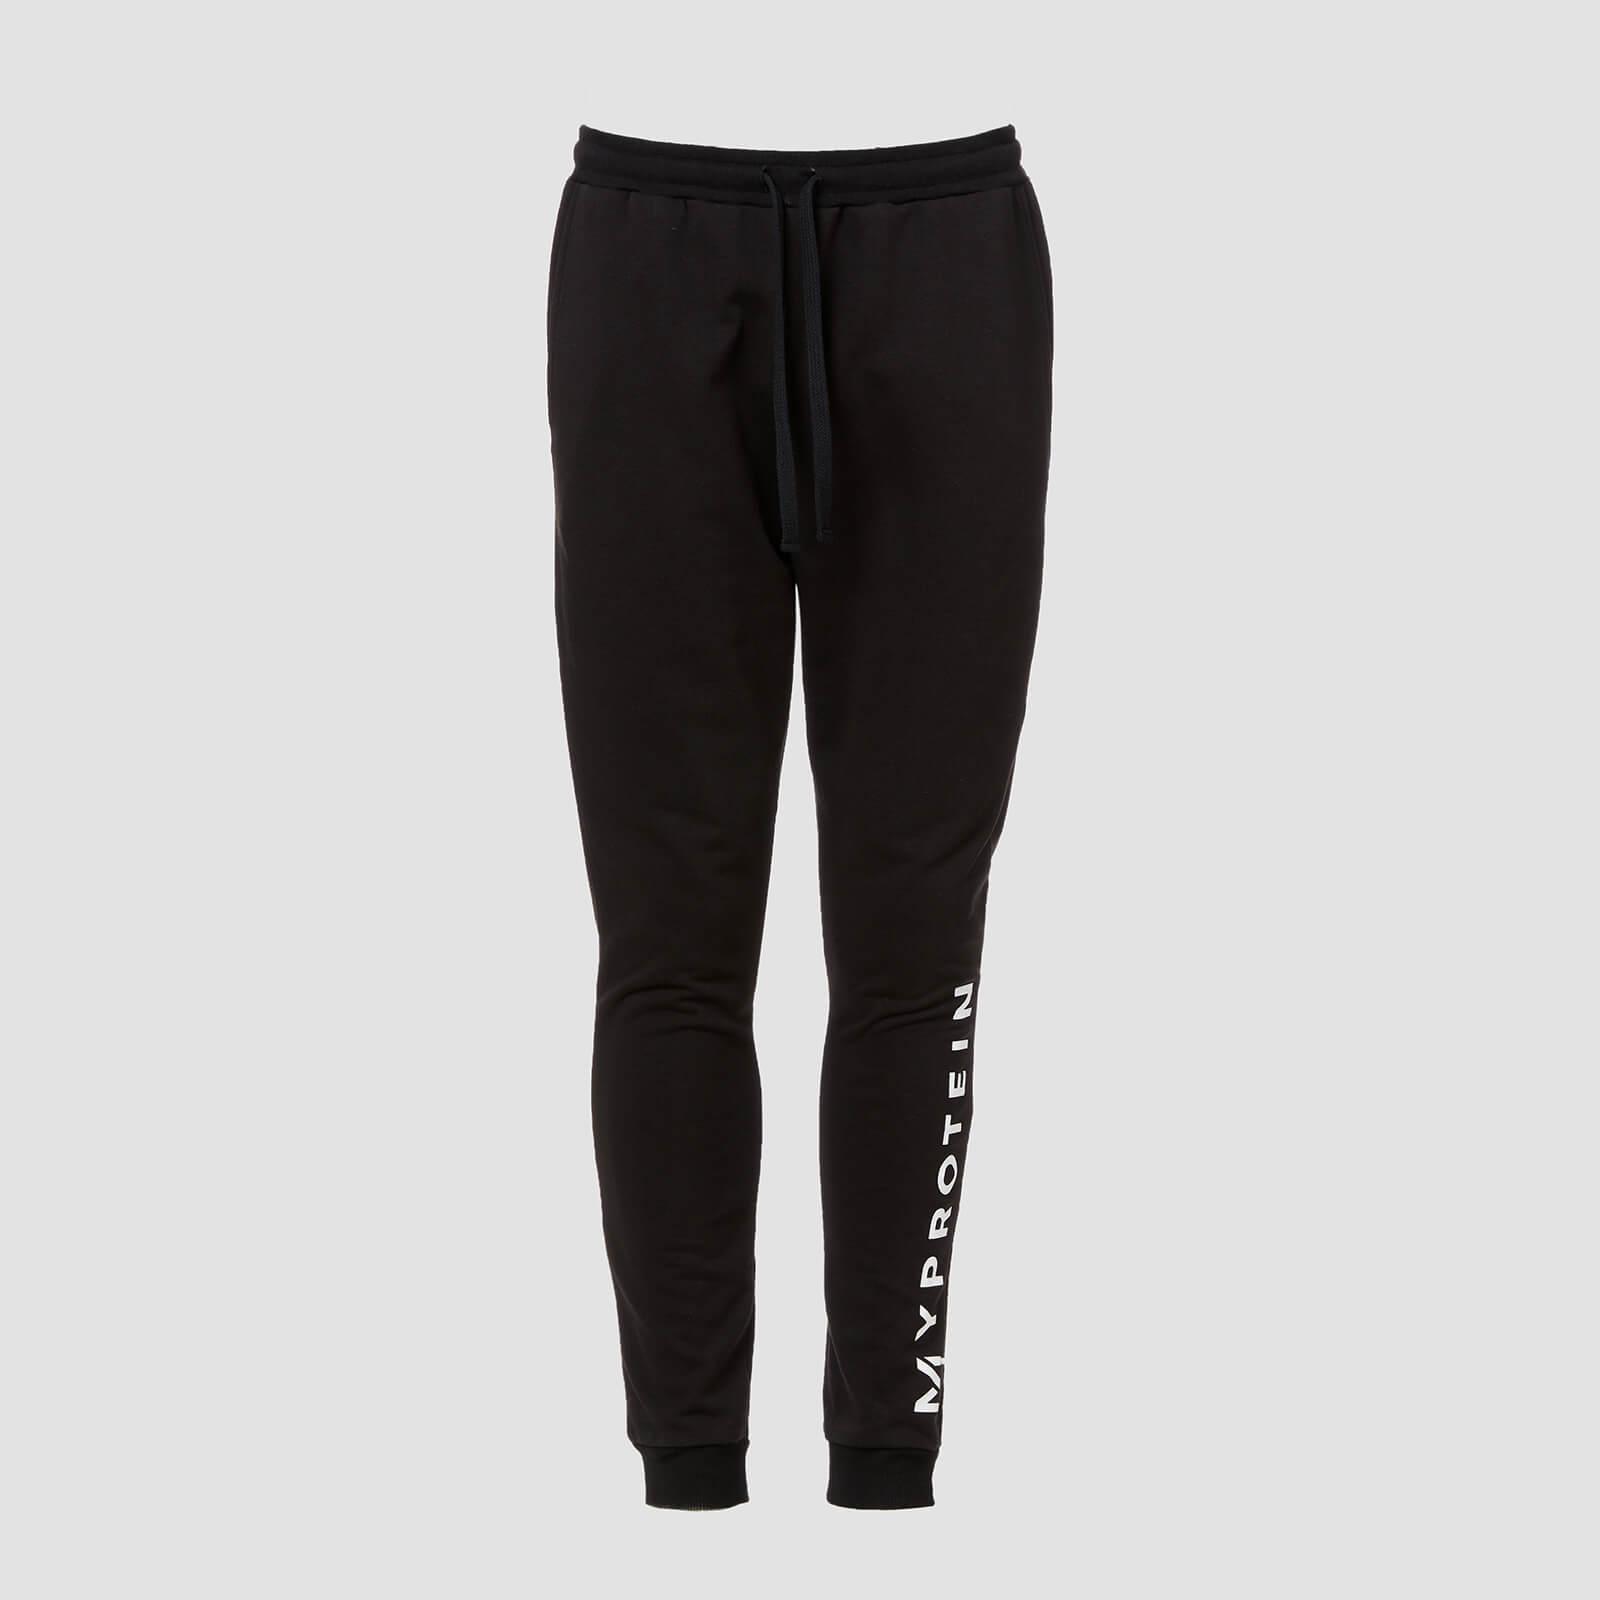 Pantalon de Jogging The Original - Noir - XXS